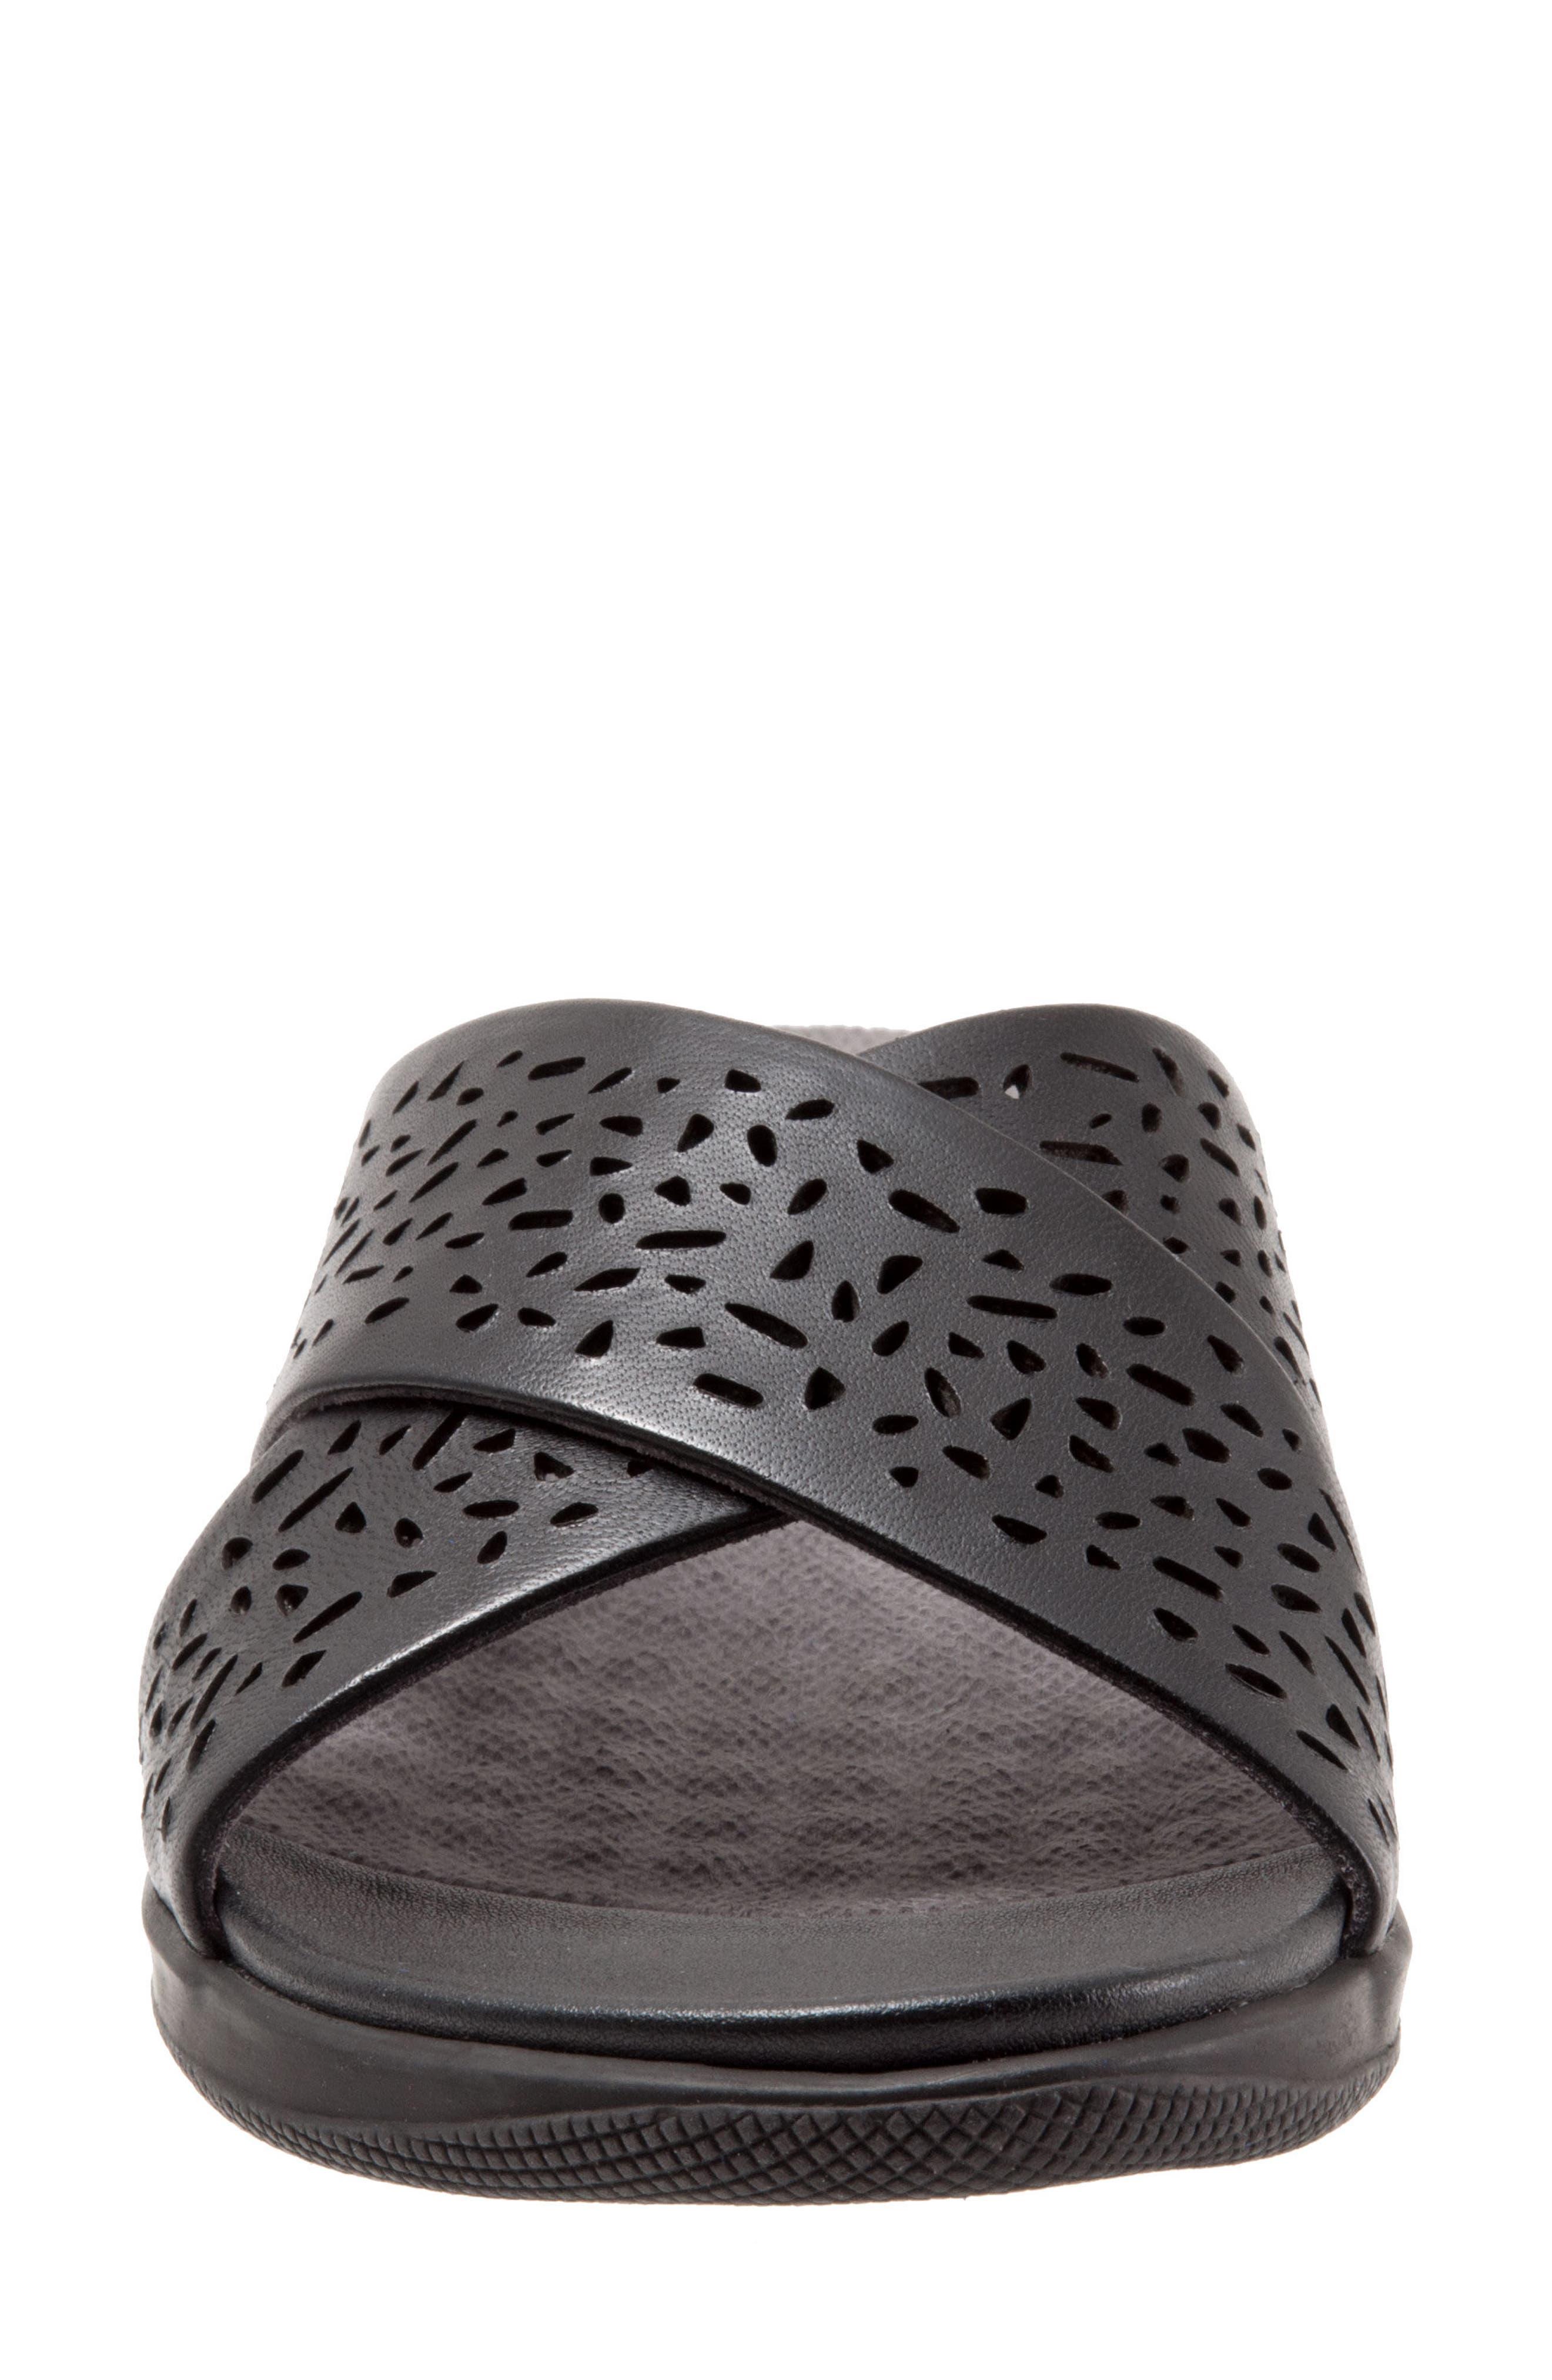 'Tillman' Leather Cross Strap Slide Sandal,                             Alternate thumbnail 4, color,                             006